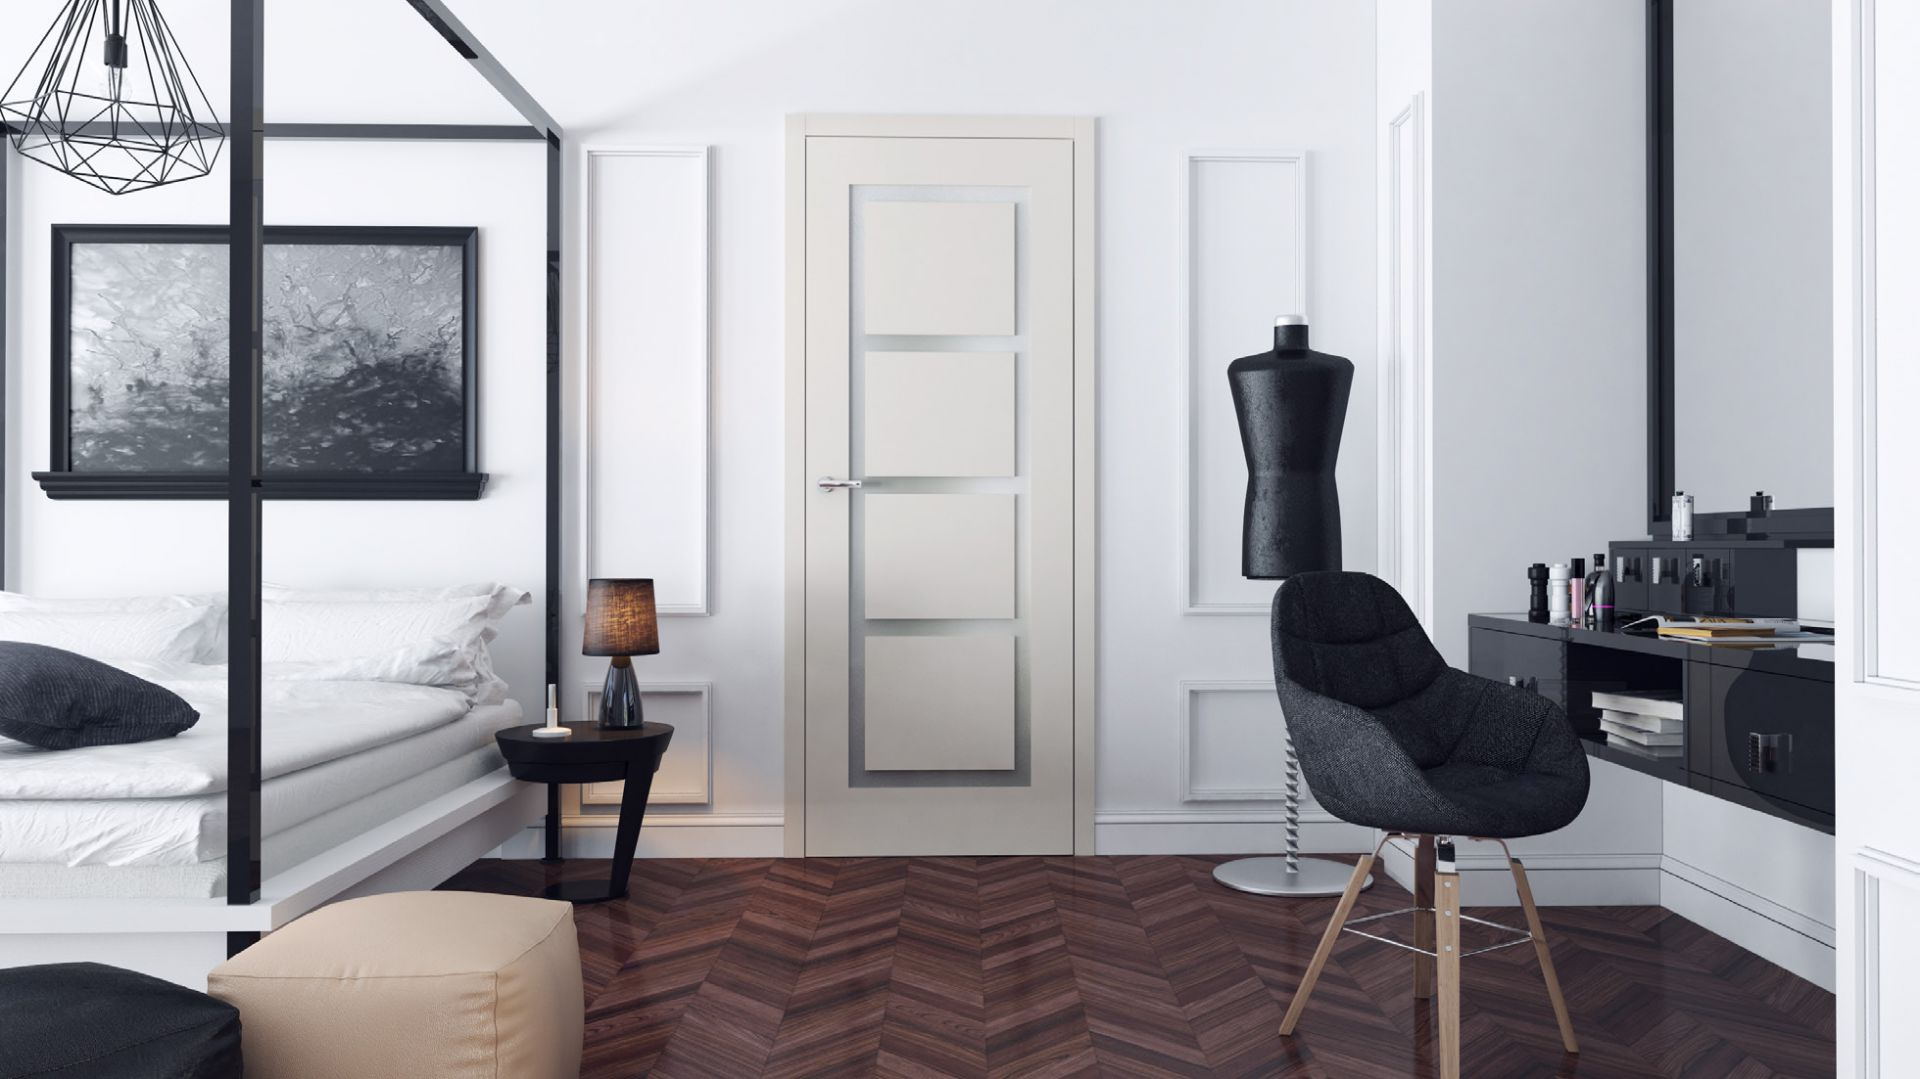 Drzwi Desigio Zanzara/RuckZuck. Produkt zgłoszony do konkursu Dobry Design 2018.